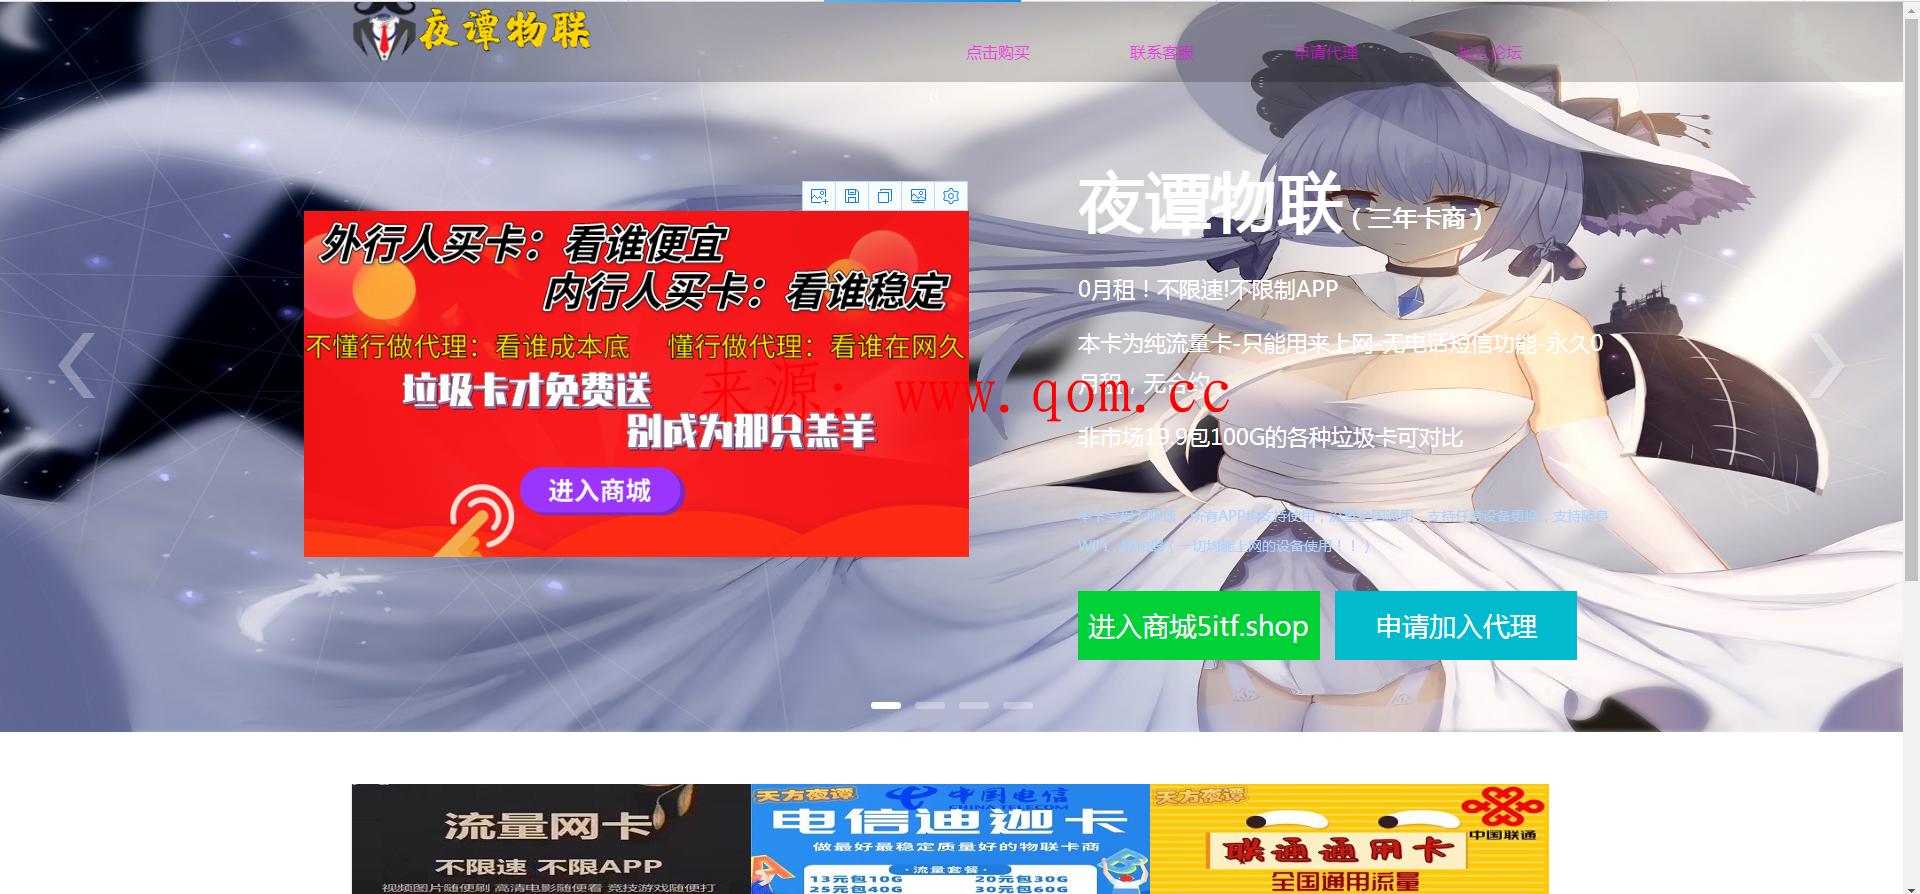 流量卡官网单页源码HTML